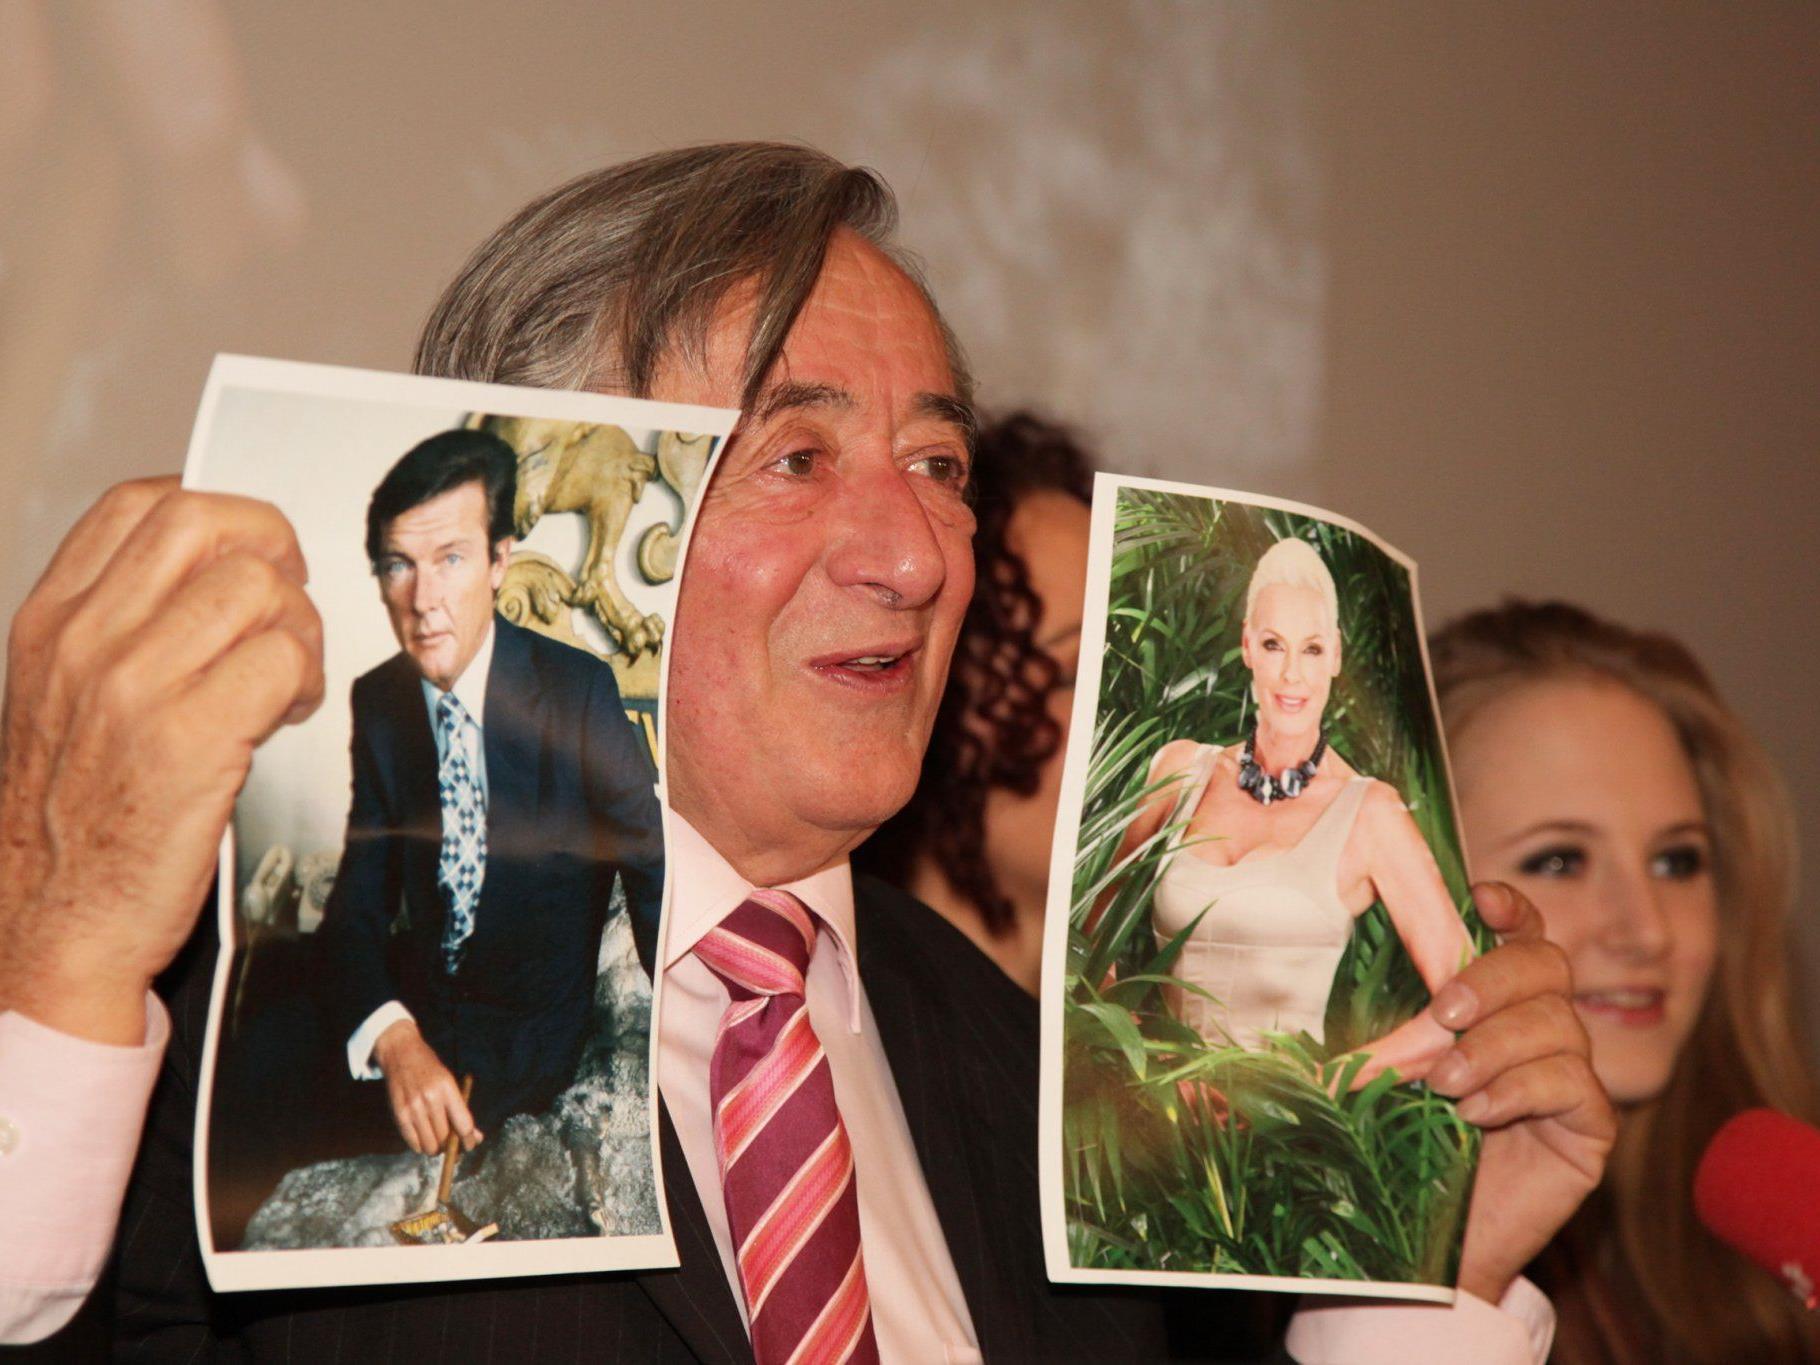 Richard Lugner hat für seinen Opernball-Stargast brigitte Nielsen einen straffen Plan zusammengestellt.